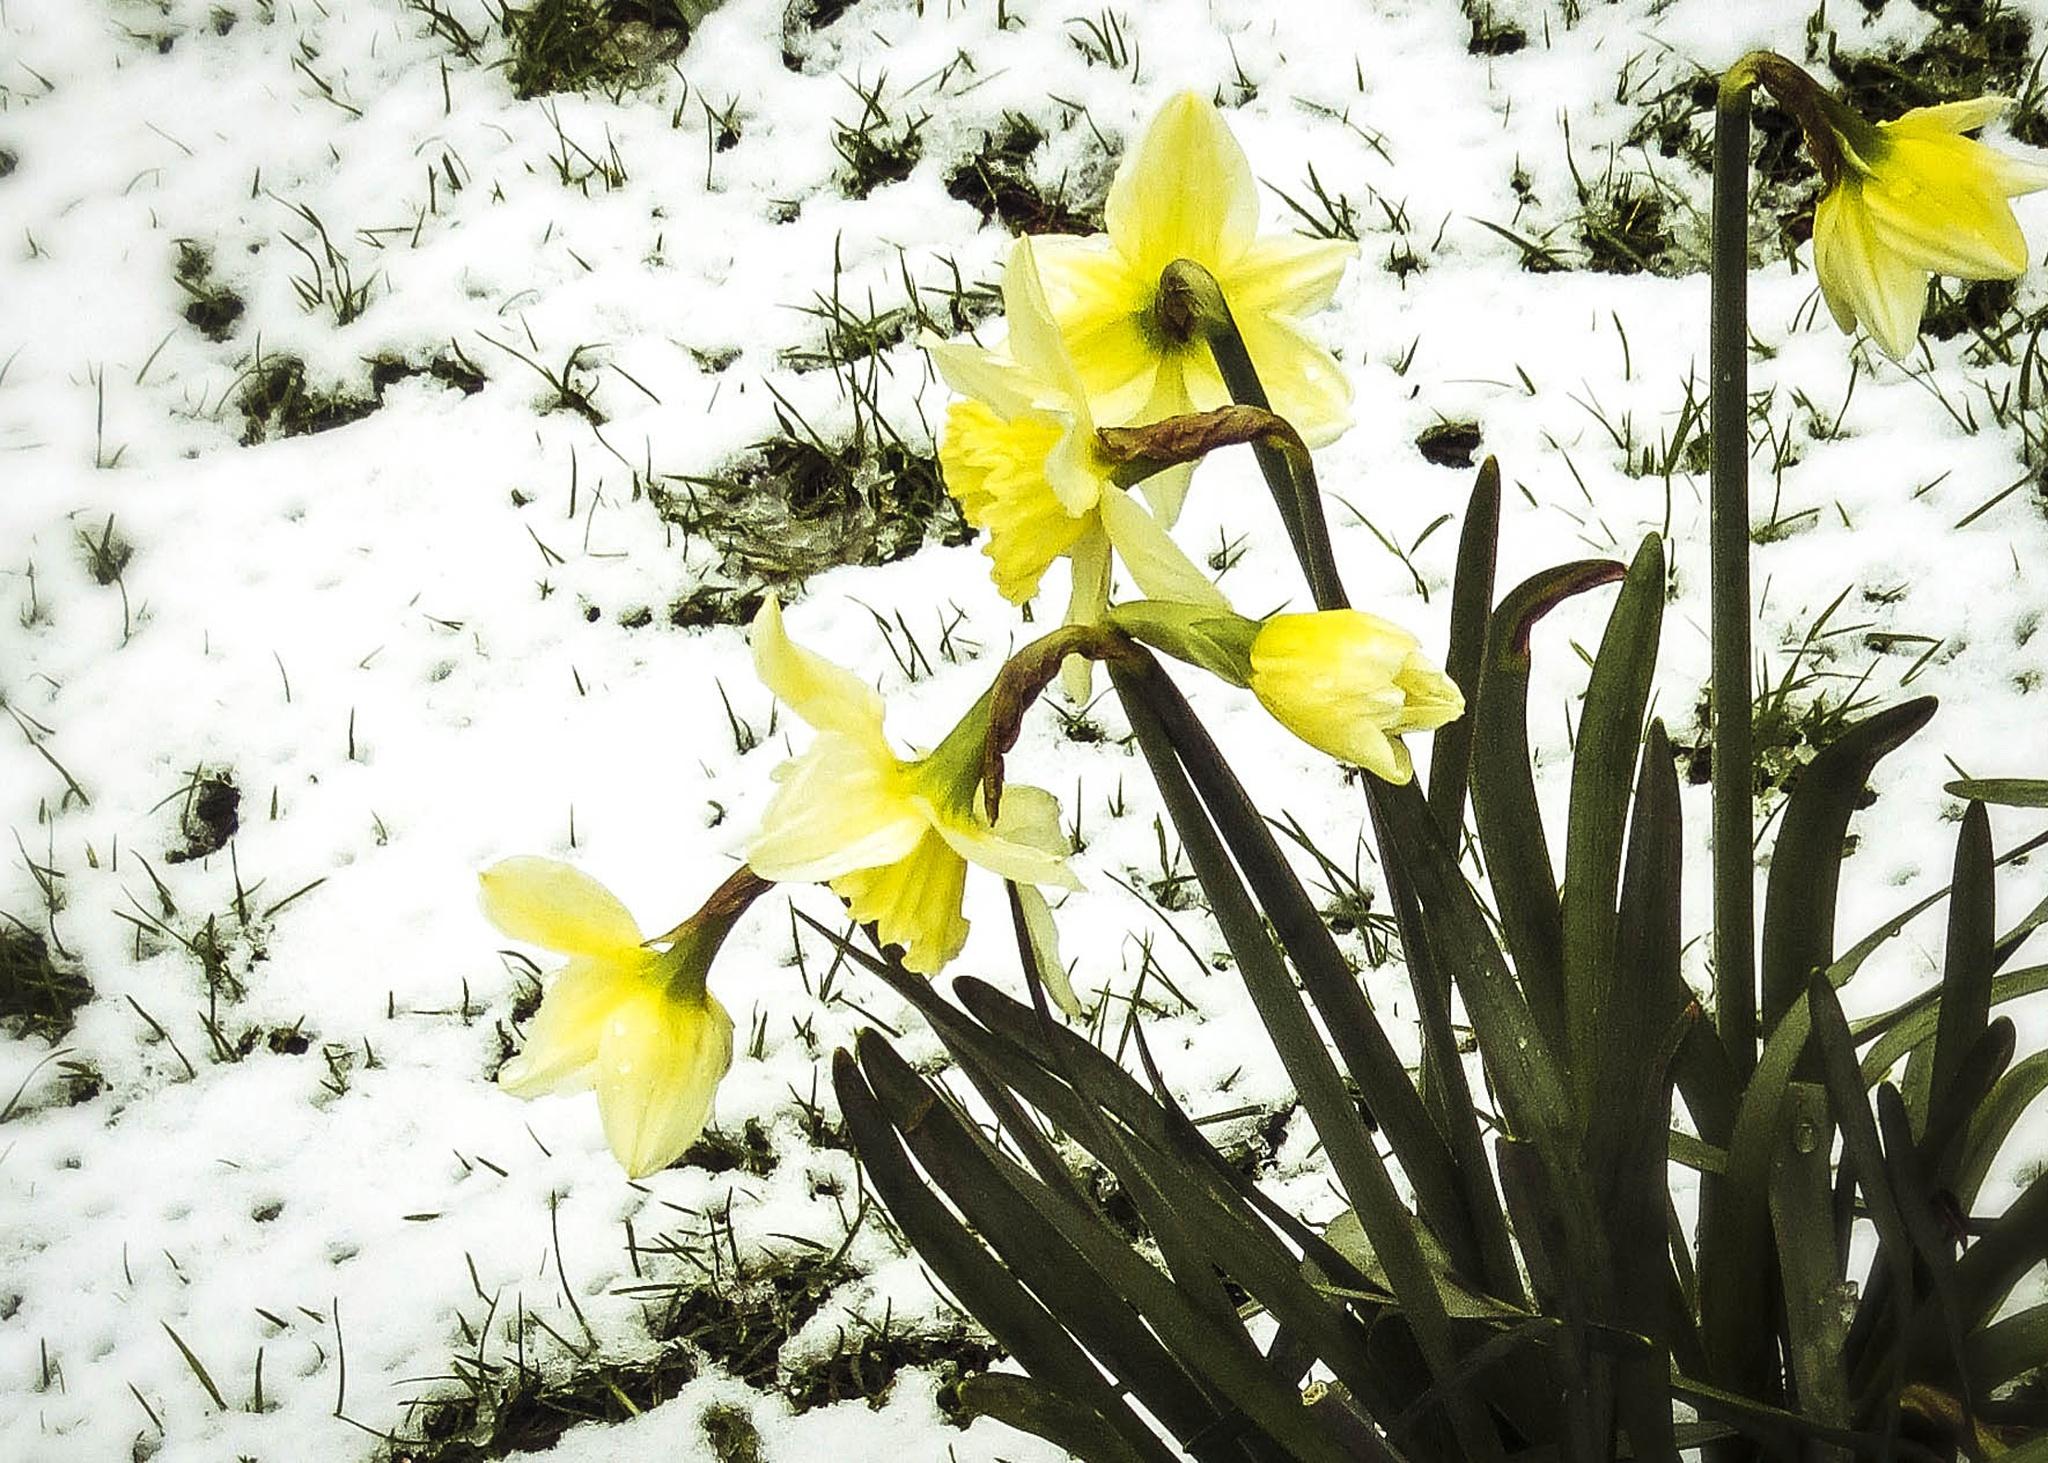 Snowy Daffodils by Sinead